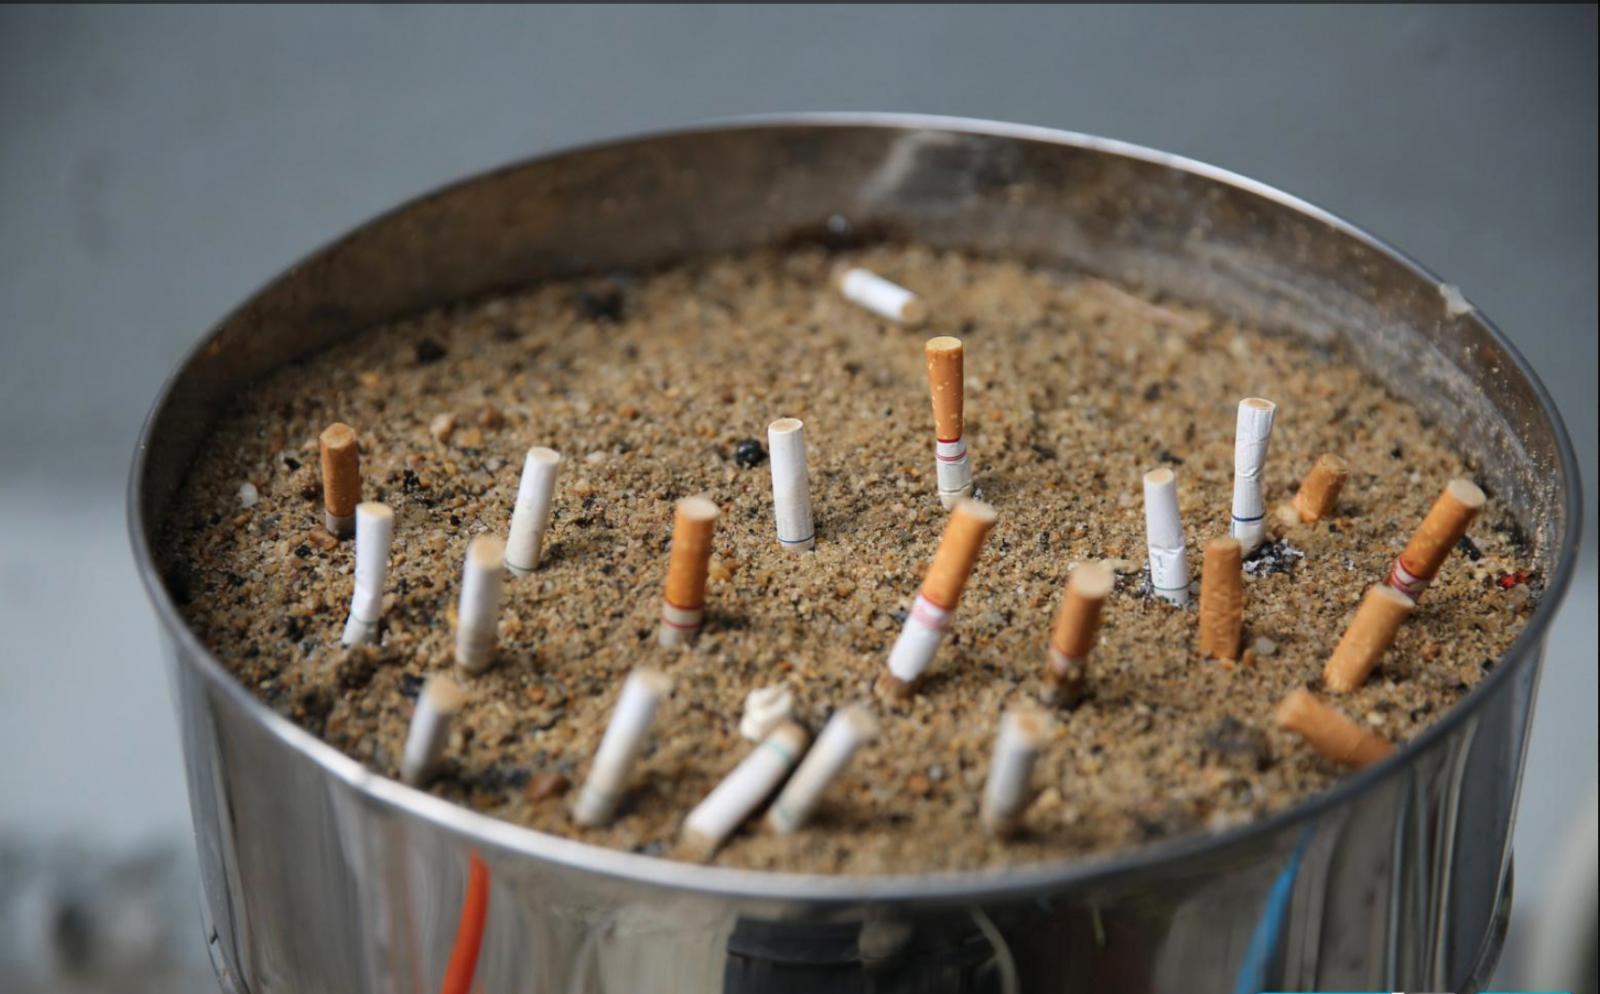 ครม.ไฟเขียว ขึ้นภาษีบุหรี่  มีผลตั้งแต่ 1 ต.ค.64 คาดดันขึ้นซองละ 6-8 บาท